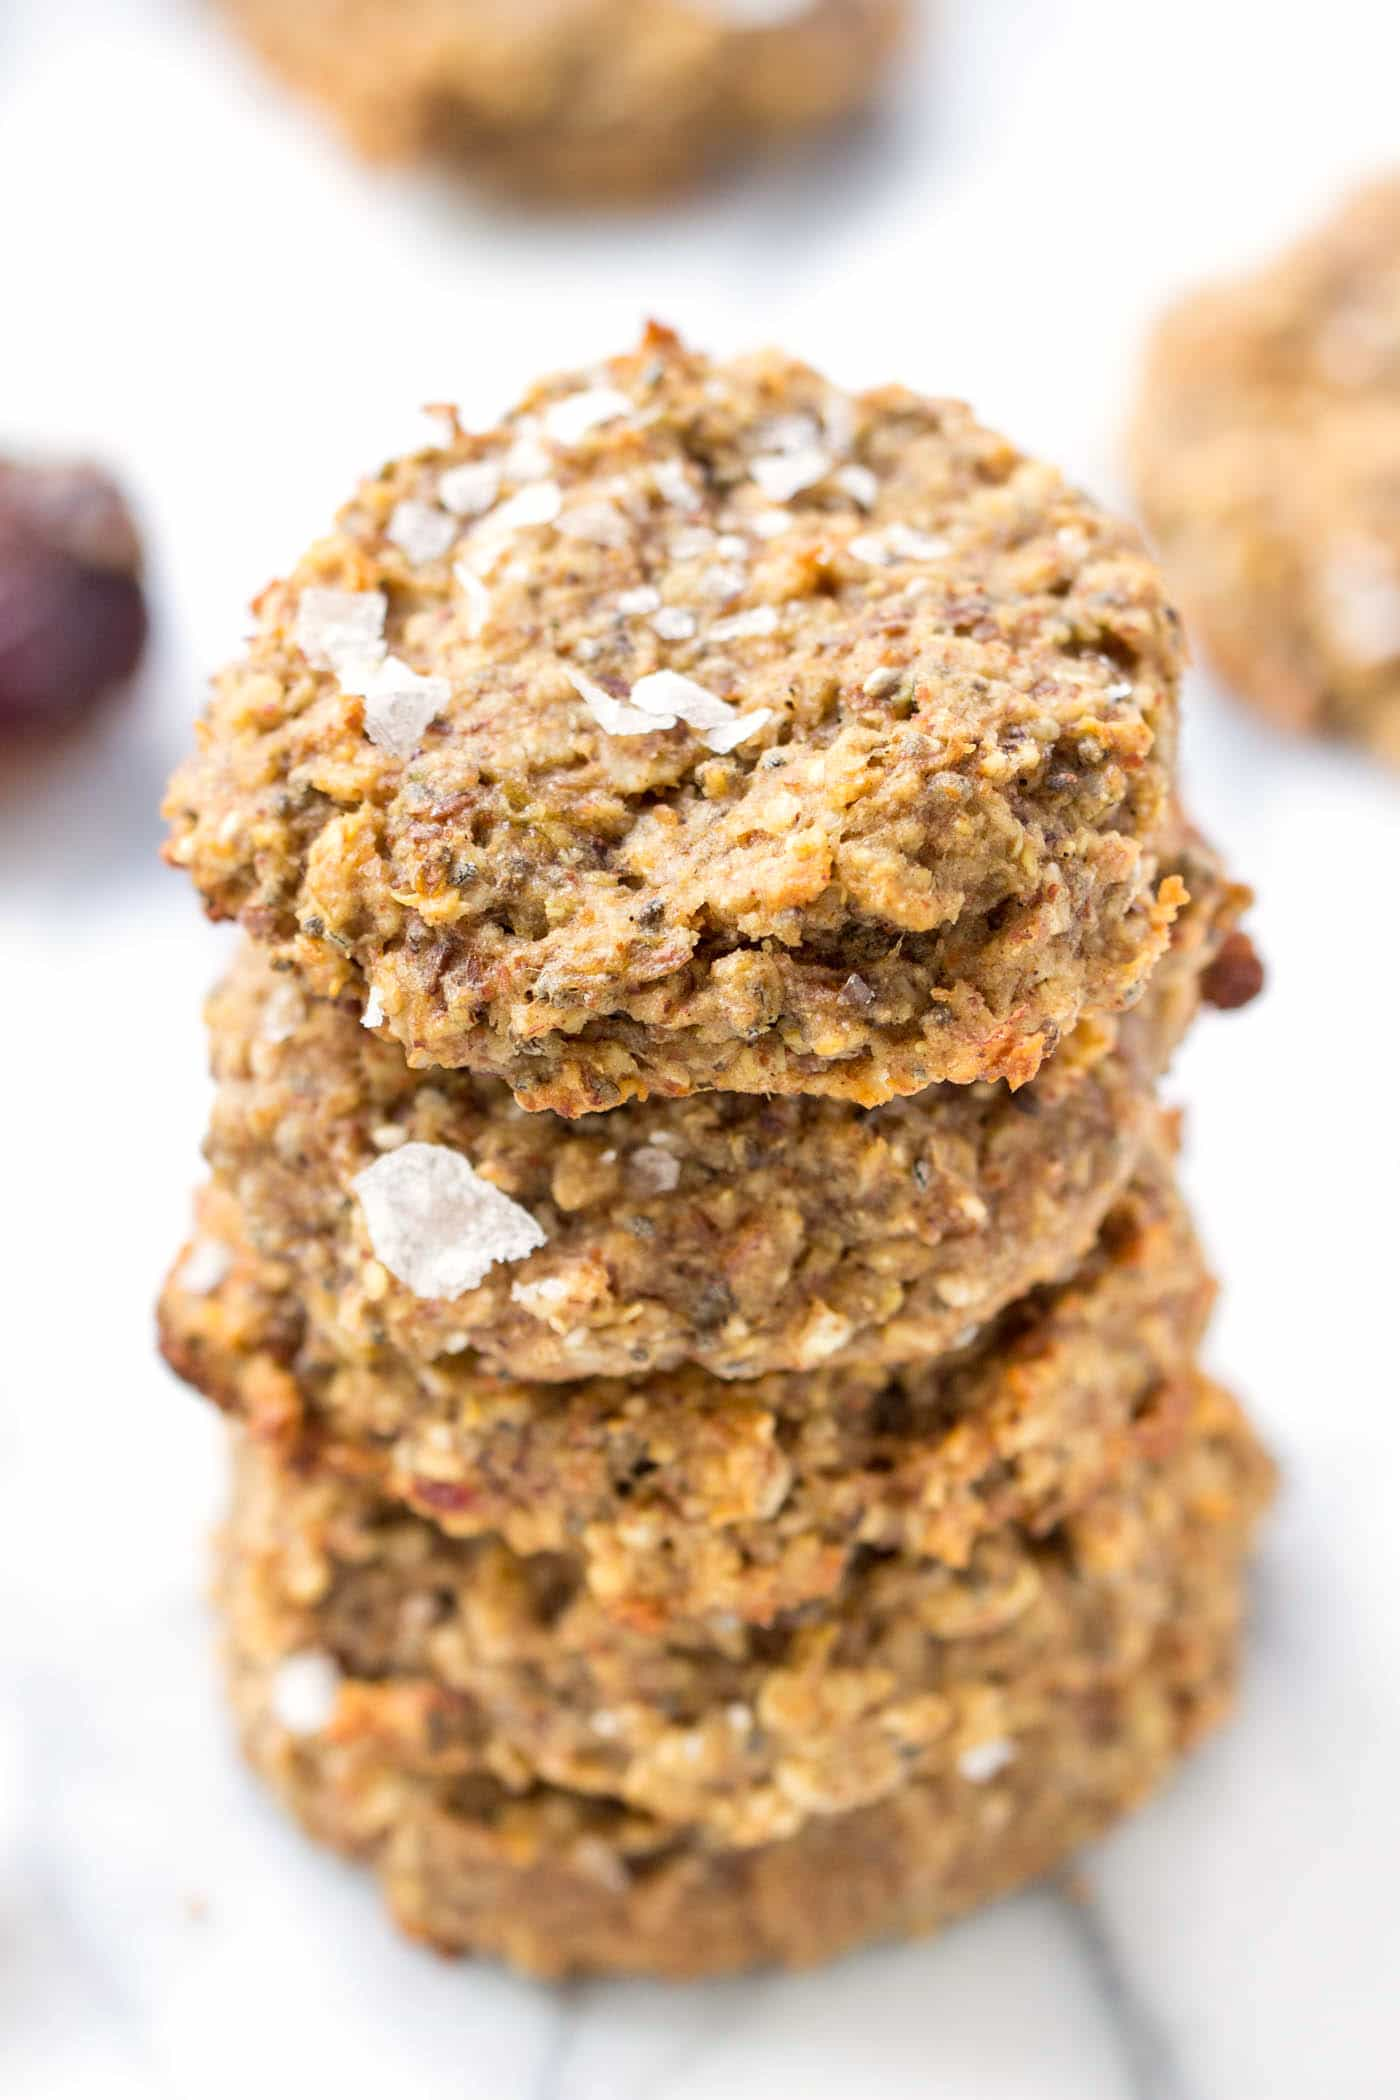 Sea Salt + Date Quinoa Breakfast Cookies